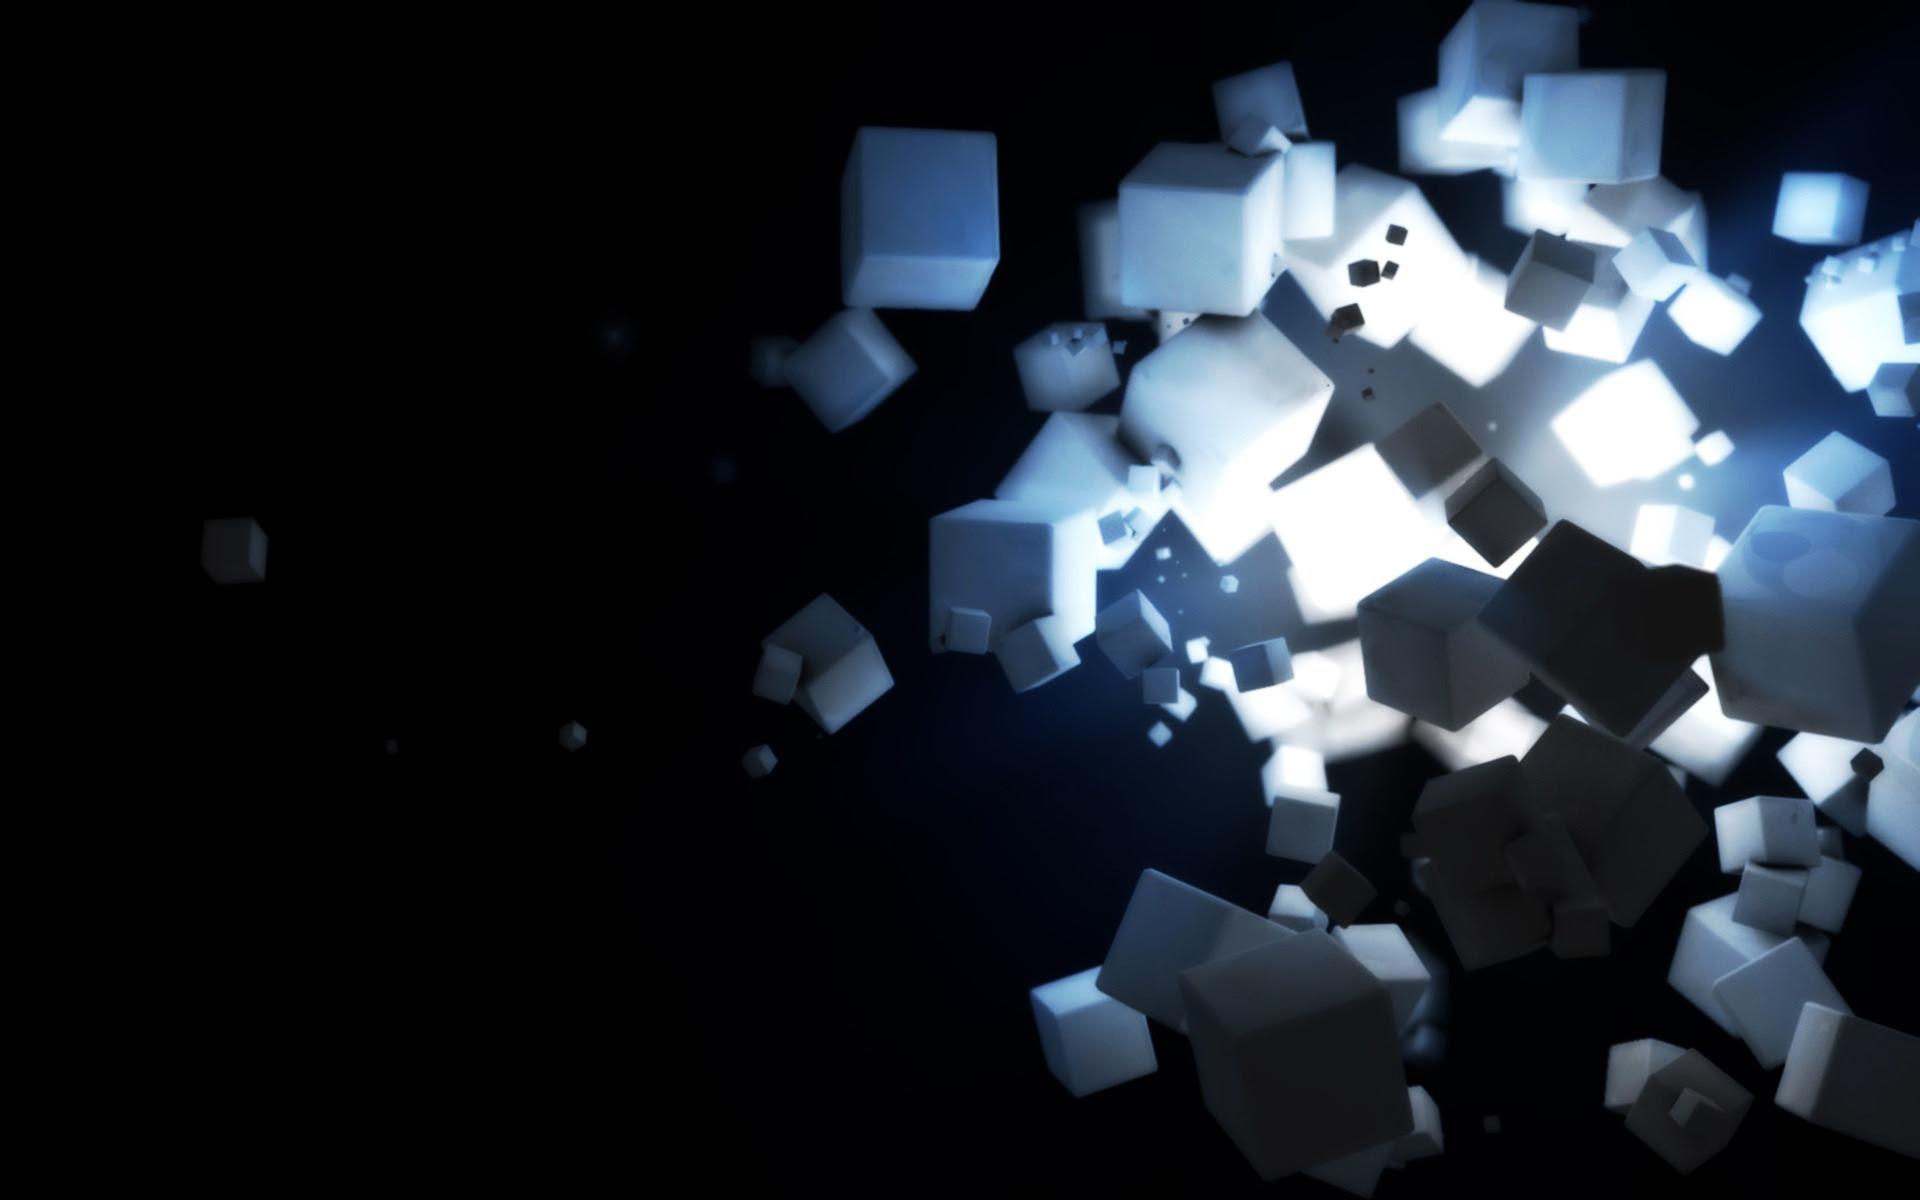 3d Cube Wallpaper